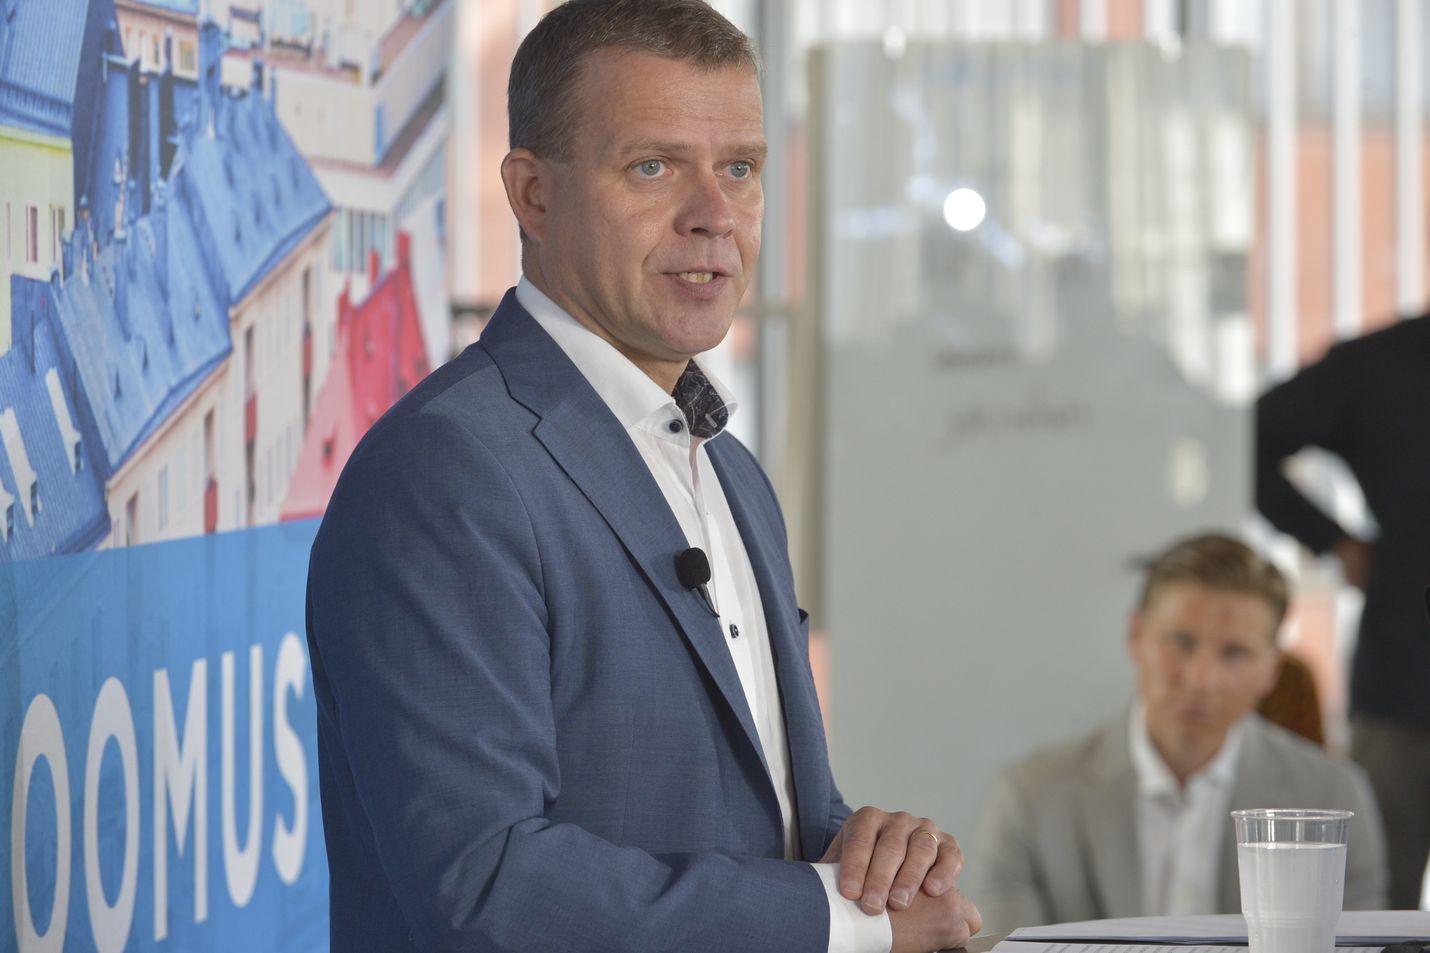 Kokoomuksen puheenjohtaja Petteri Orpo kertoi Turussa, että kokoomus aikoo esitellä työllisyyspaketin keskiviikkona. Taustalla varapuheenjohtaja Antti Häkkänen.